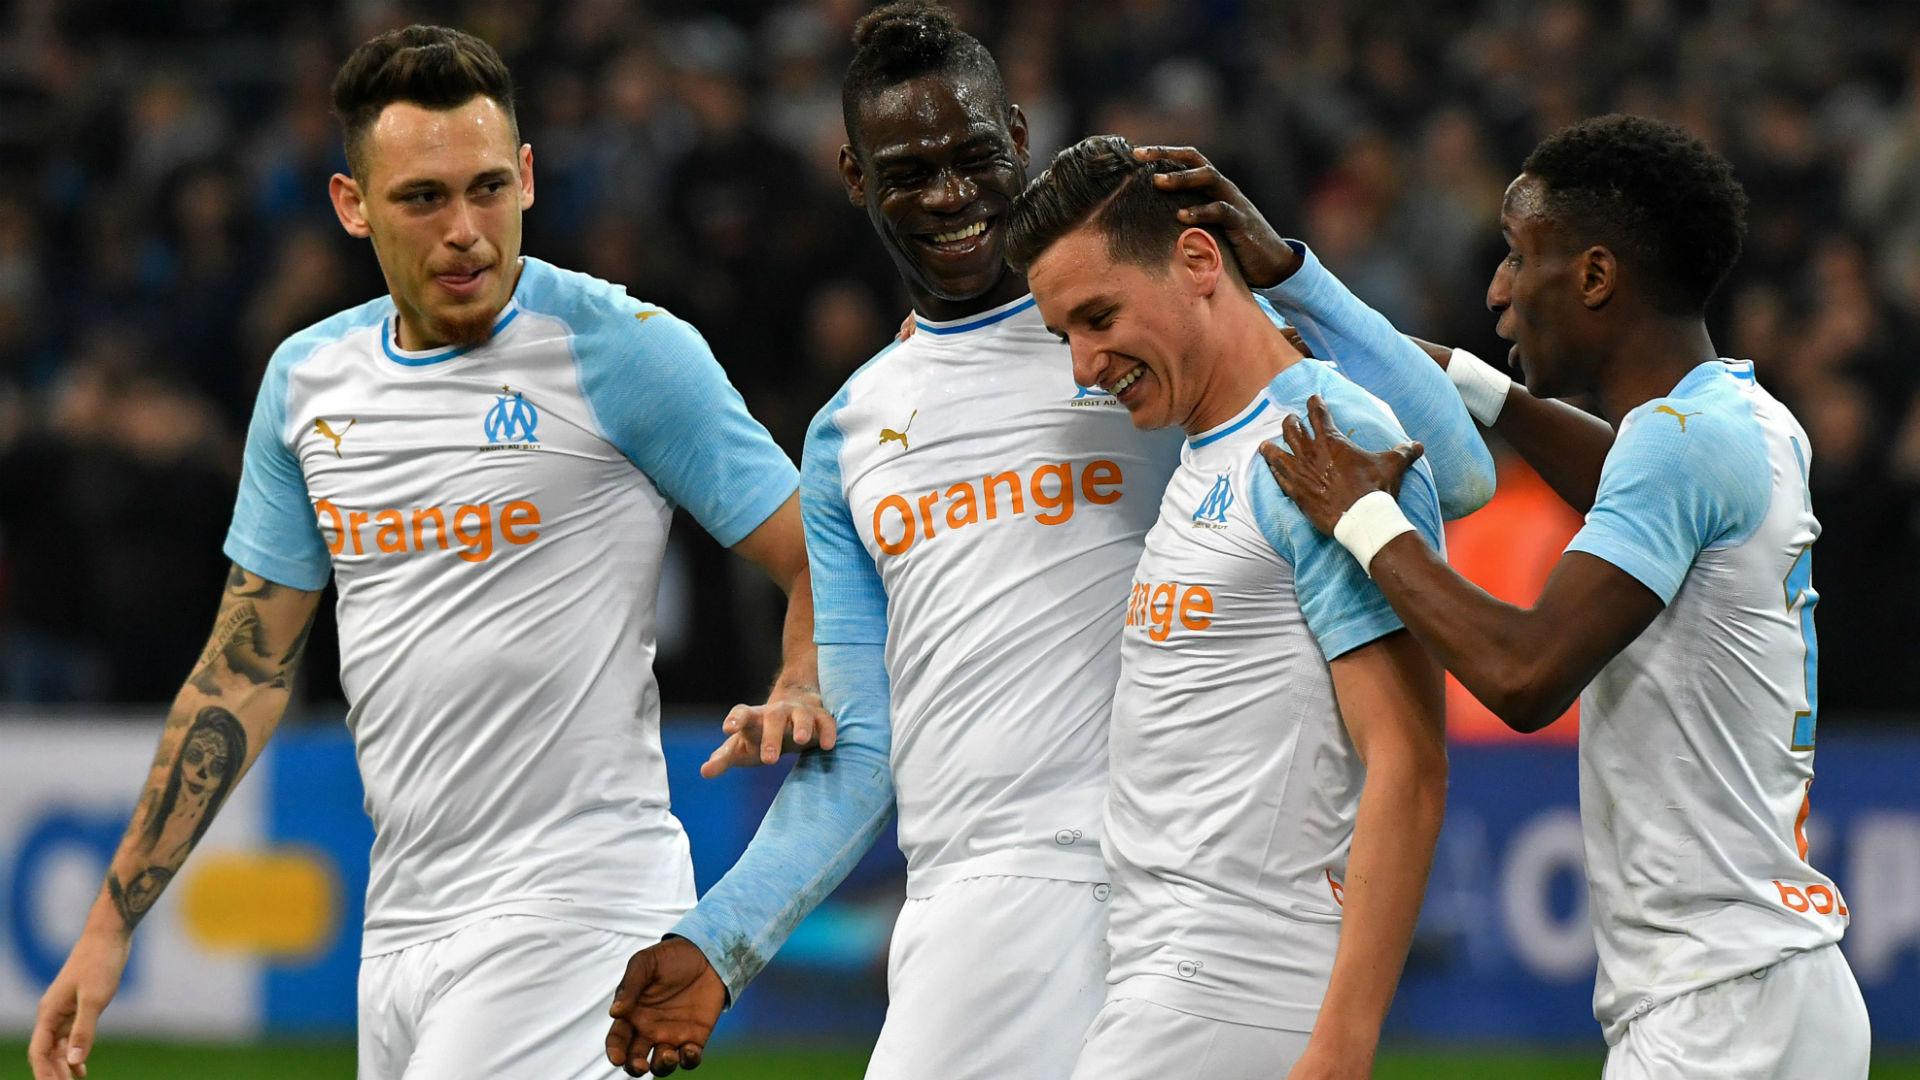 Florian Thauvin Mario Balotelli Marseille Saint-Etienne Ligue 1 03032019